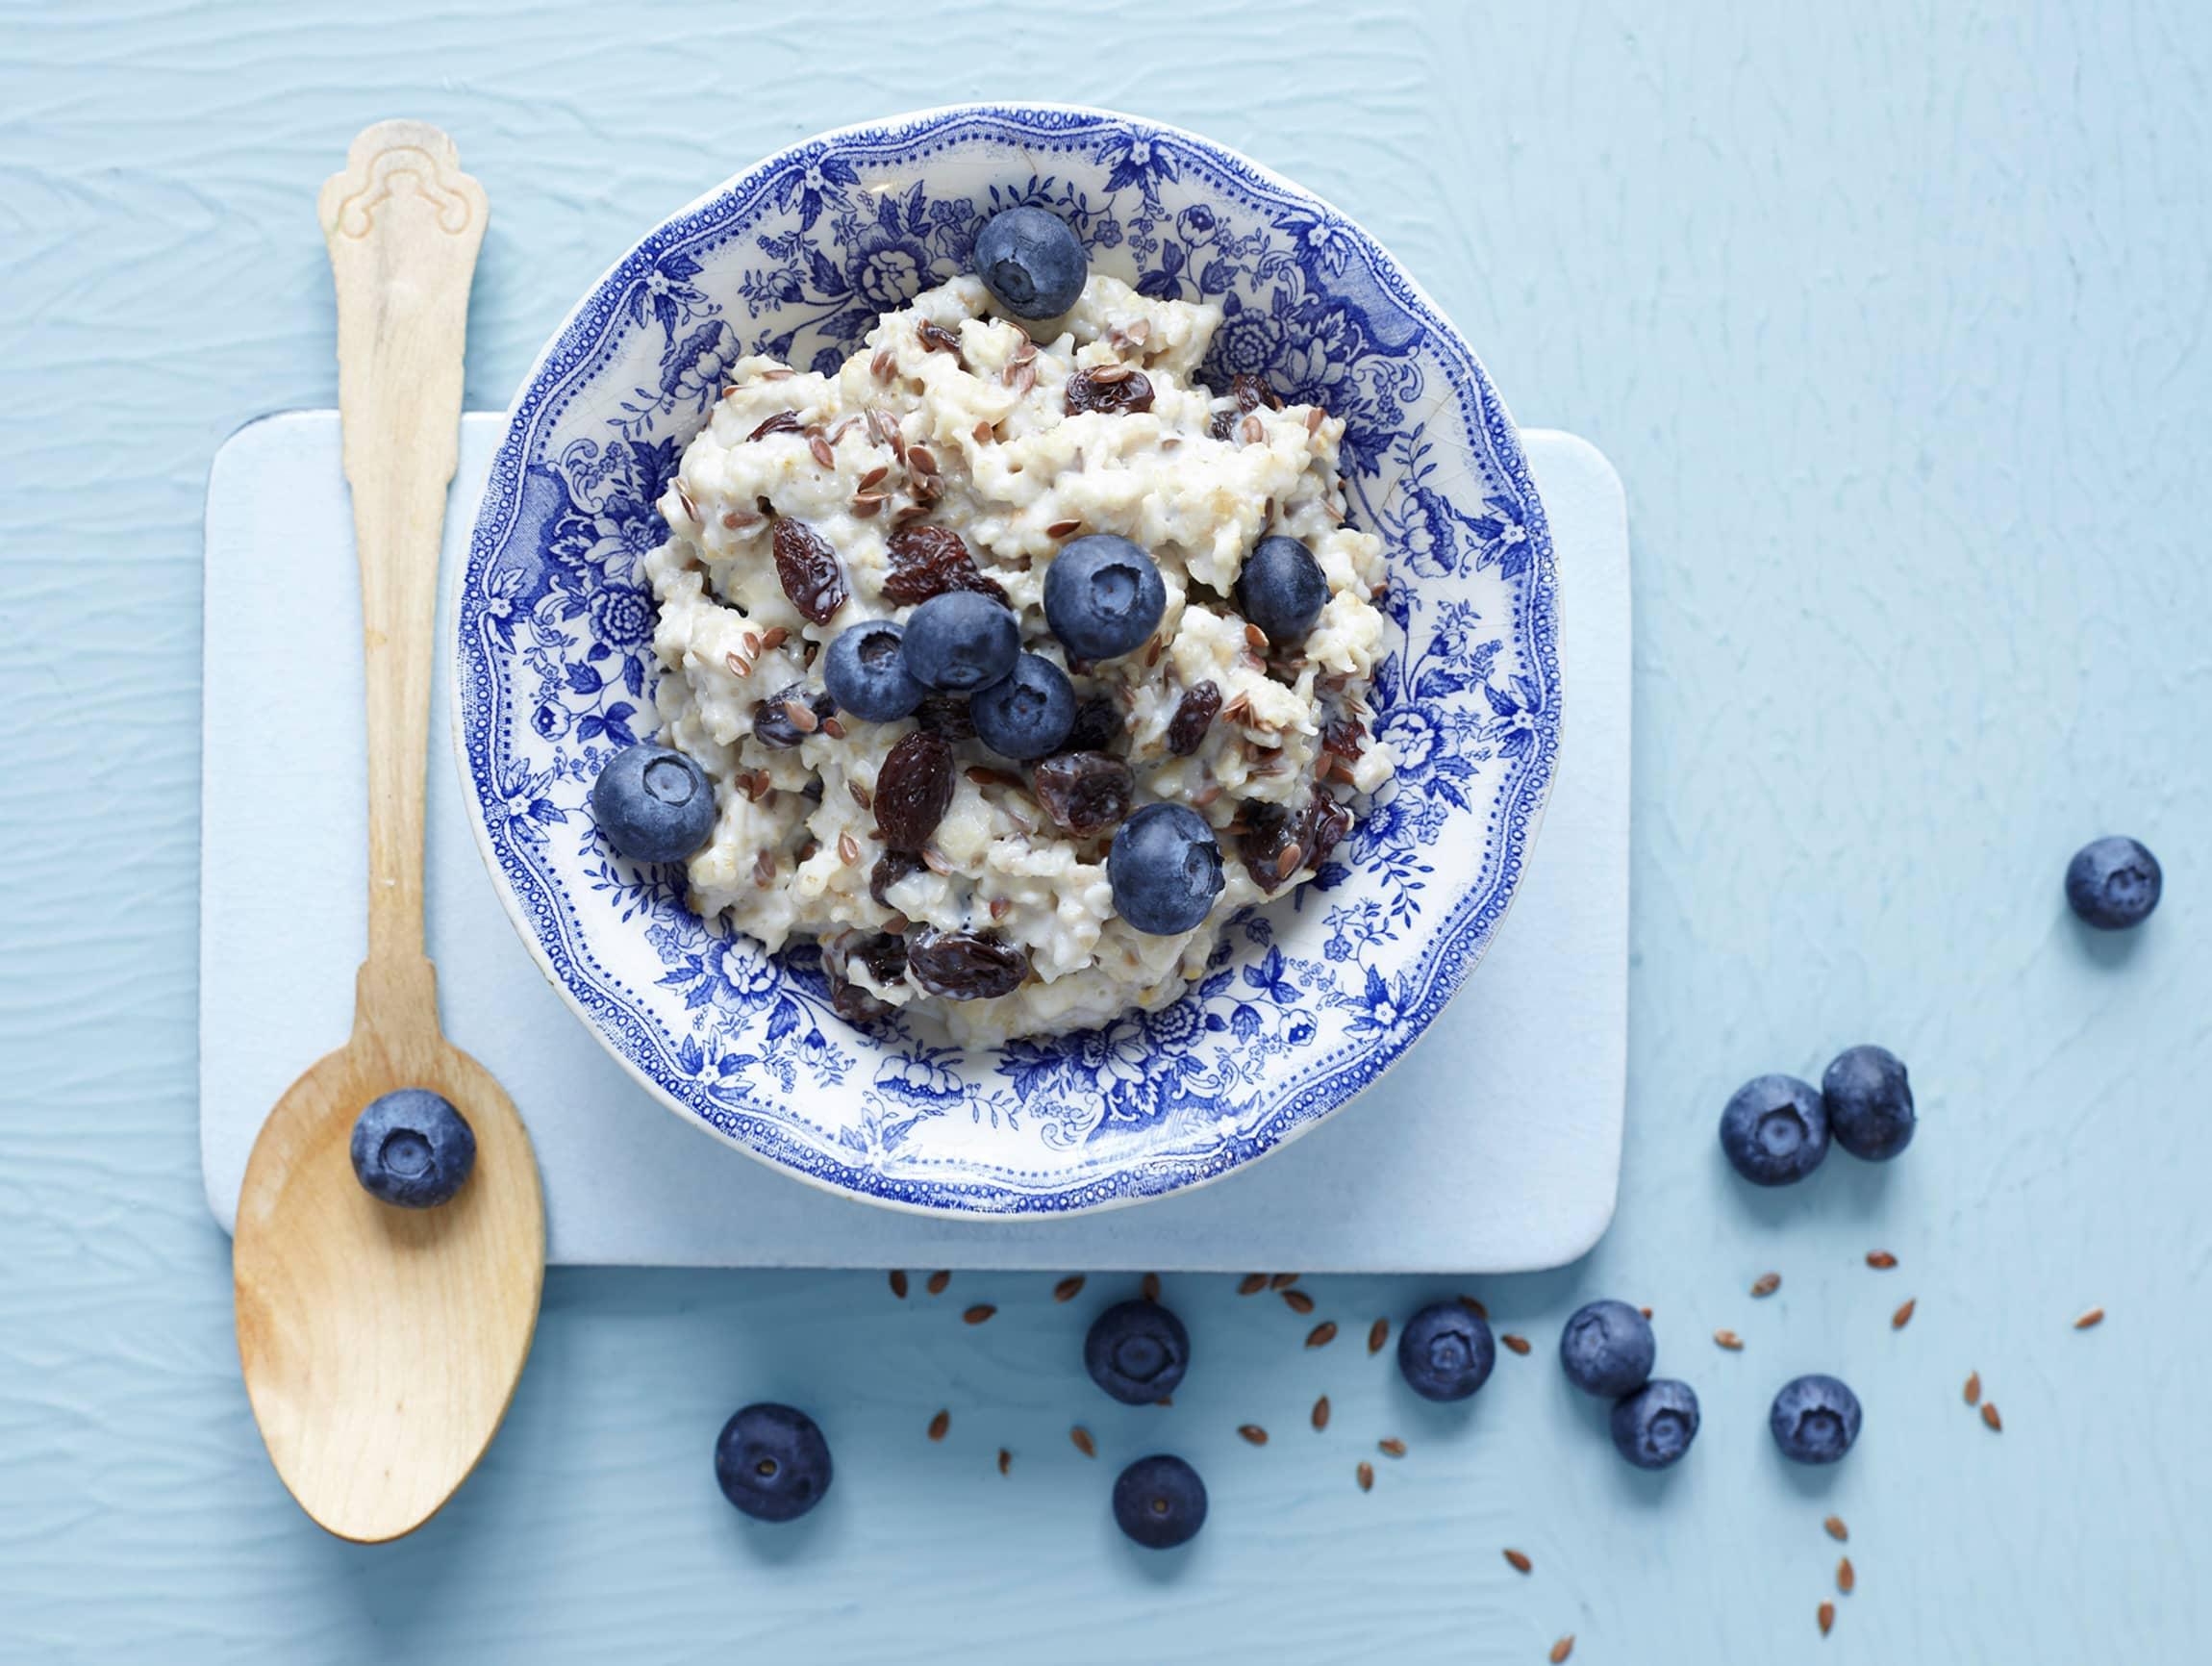 Blåbær som topping passer ypperlig til å gi frokosten og småretter det lille ekstra